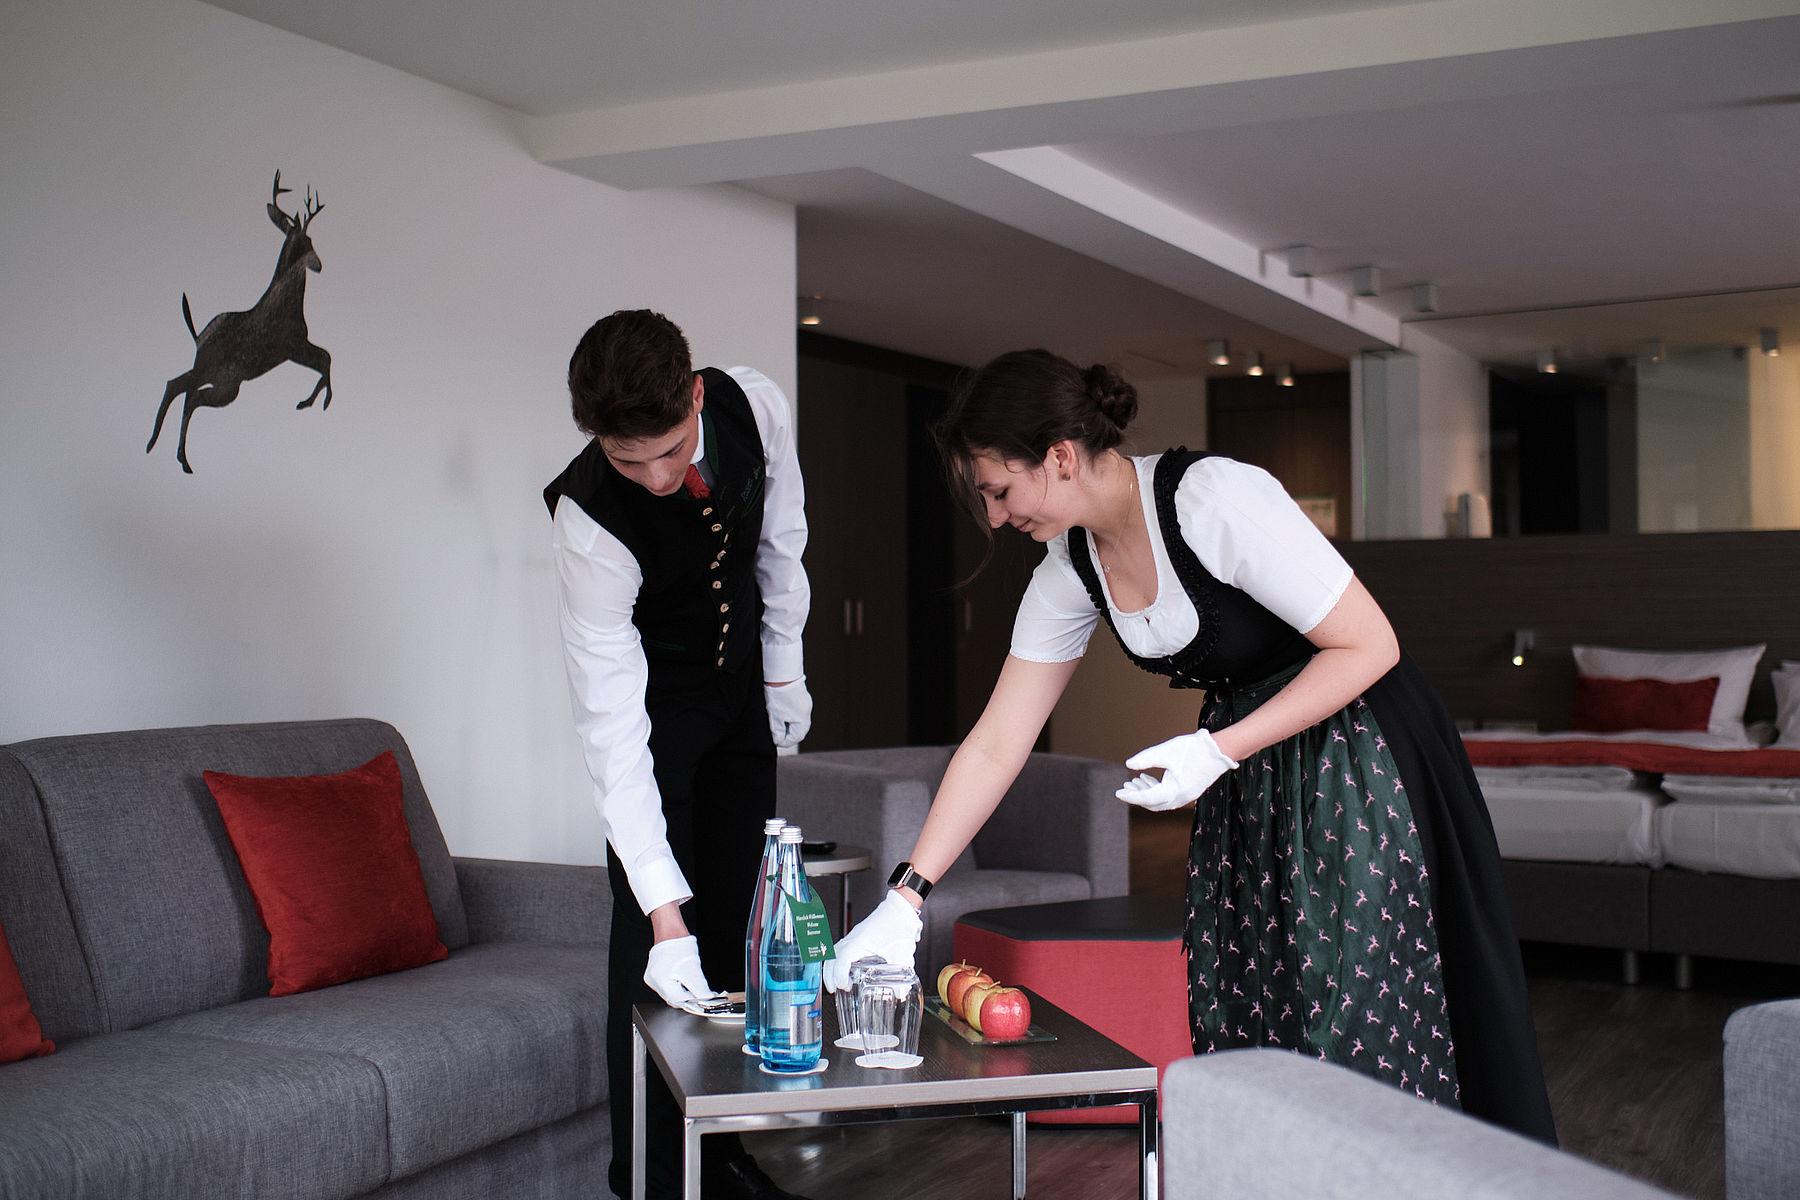 Zwei Mitarbeiter de Traube Tonbach beim dekorieren eines Tisches